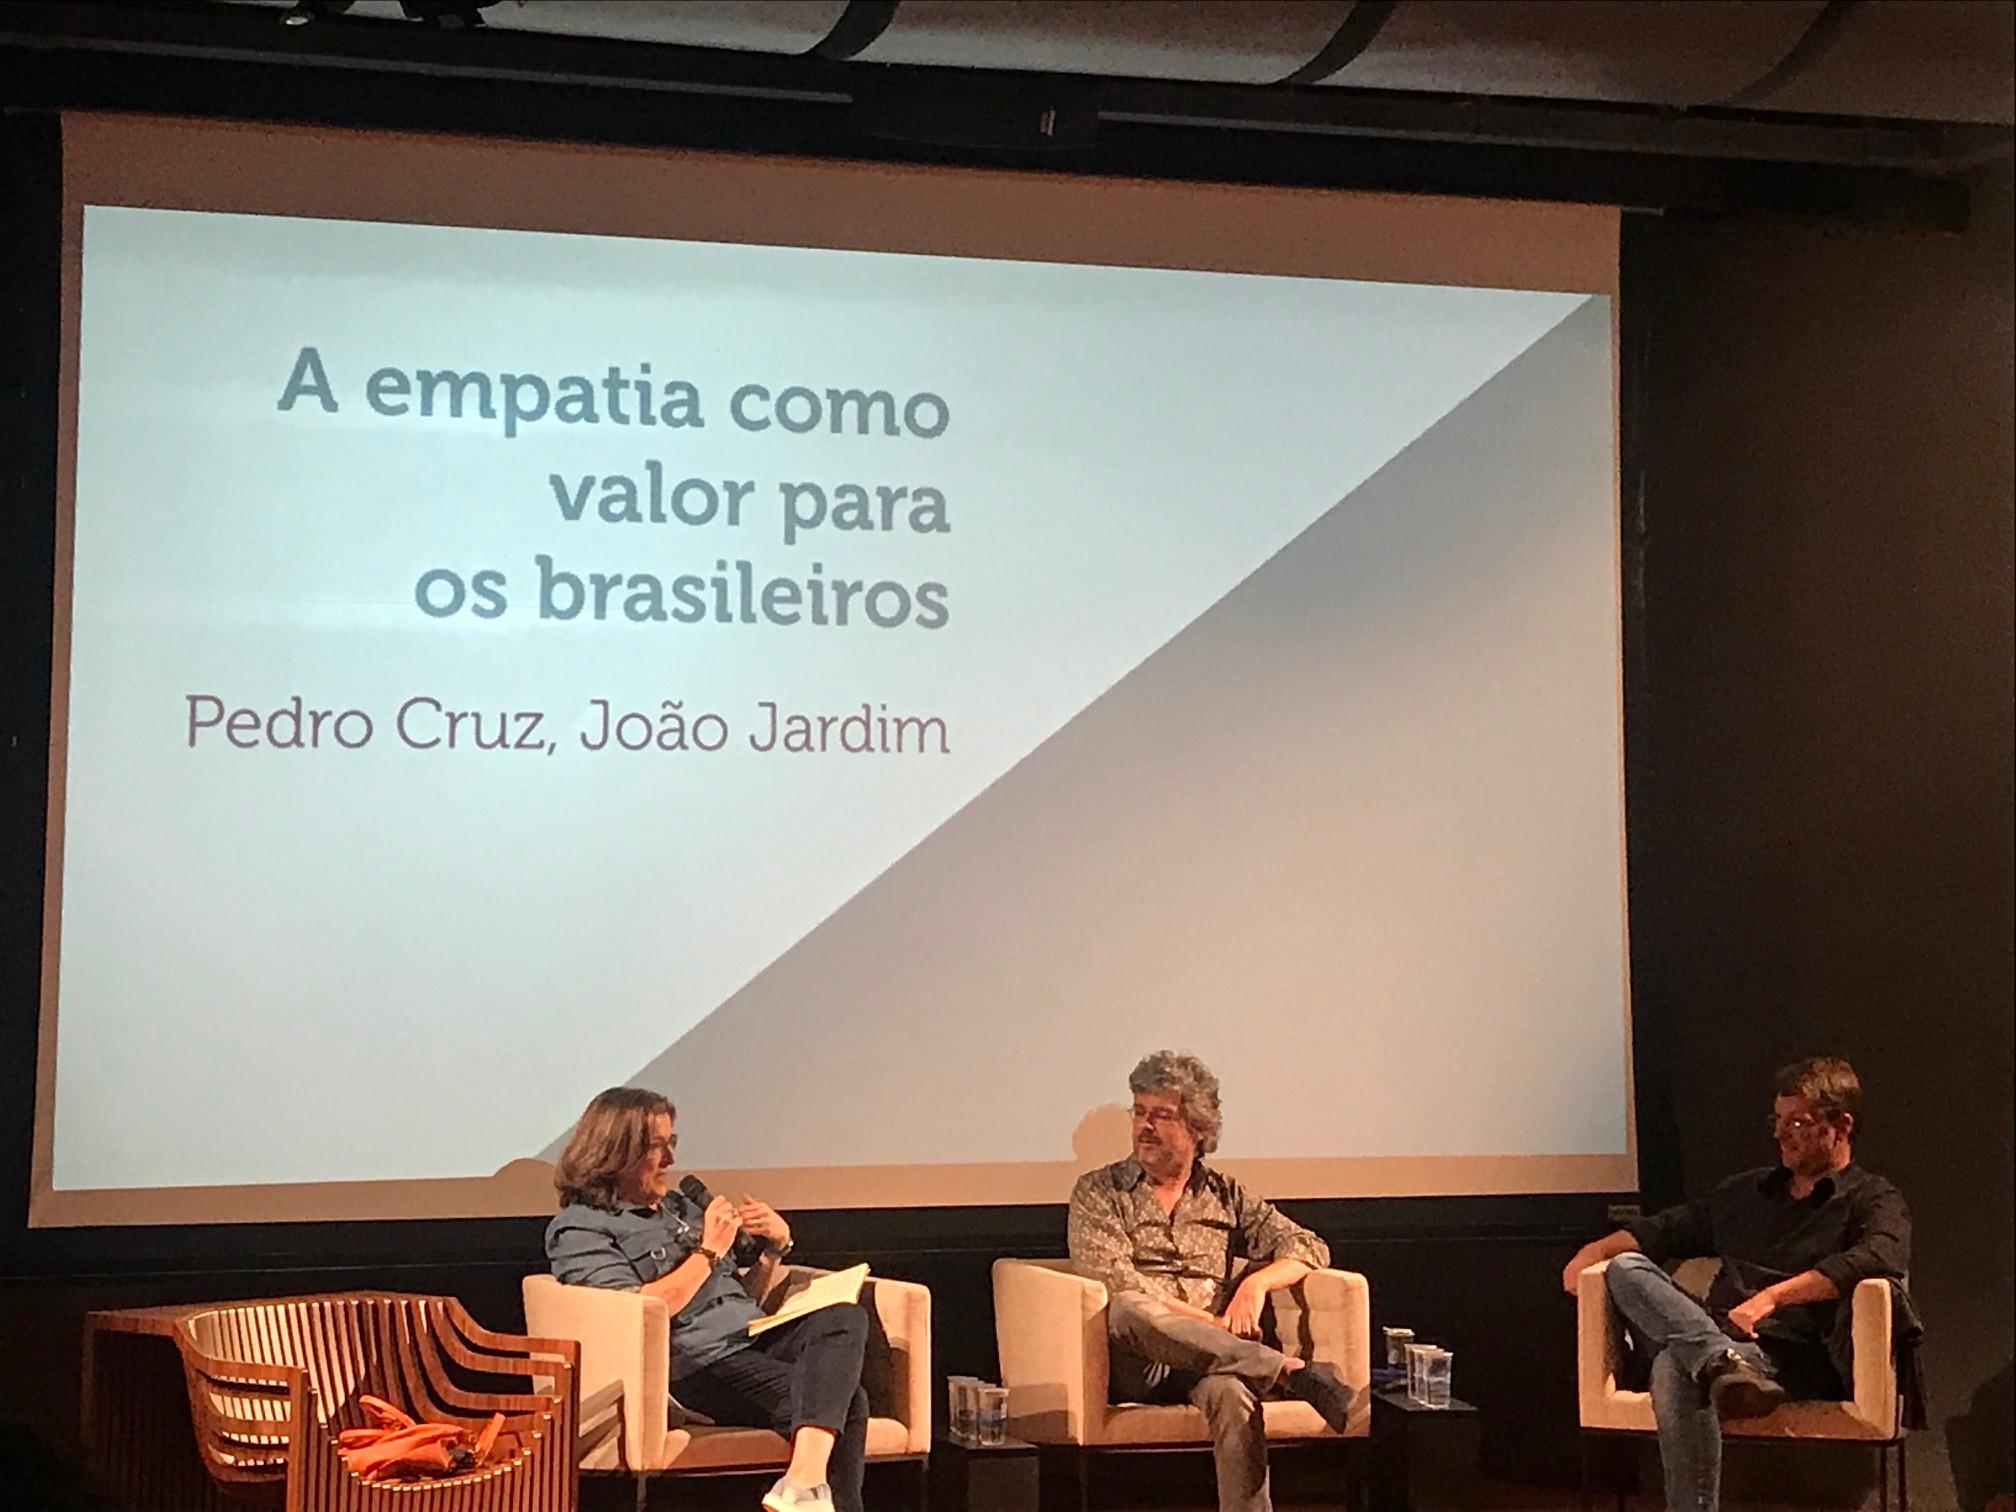 O brasileiro é extremamente empático, mas porque parece o contrário? 5